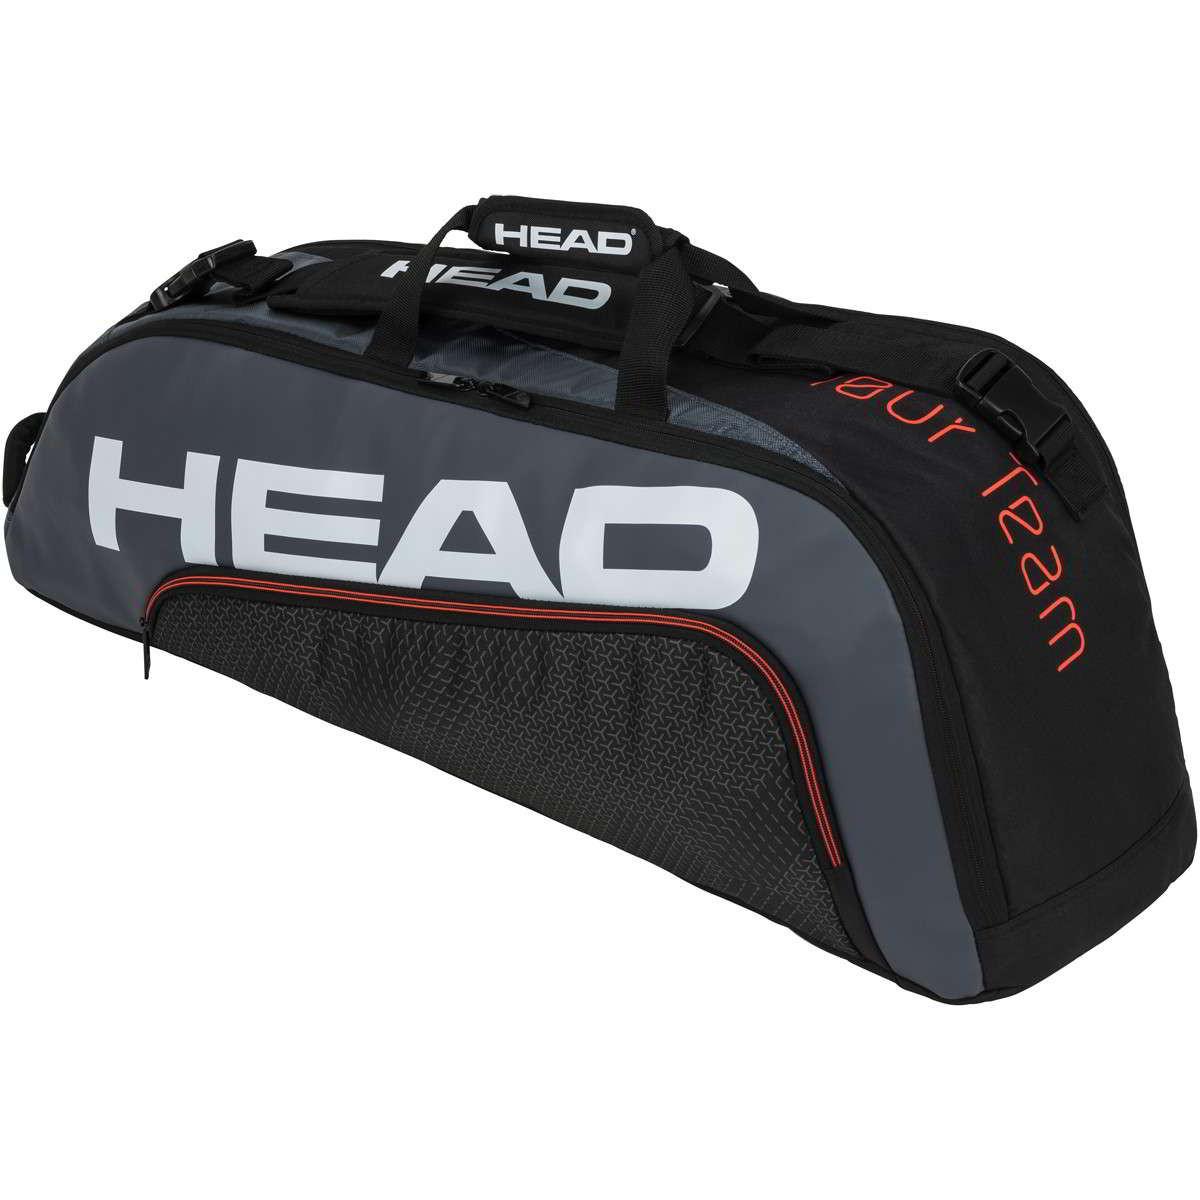 Head Tour Team 6R Combi BKGR